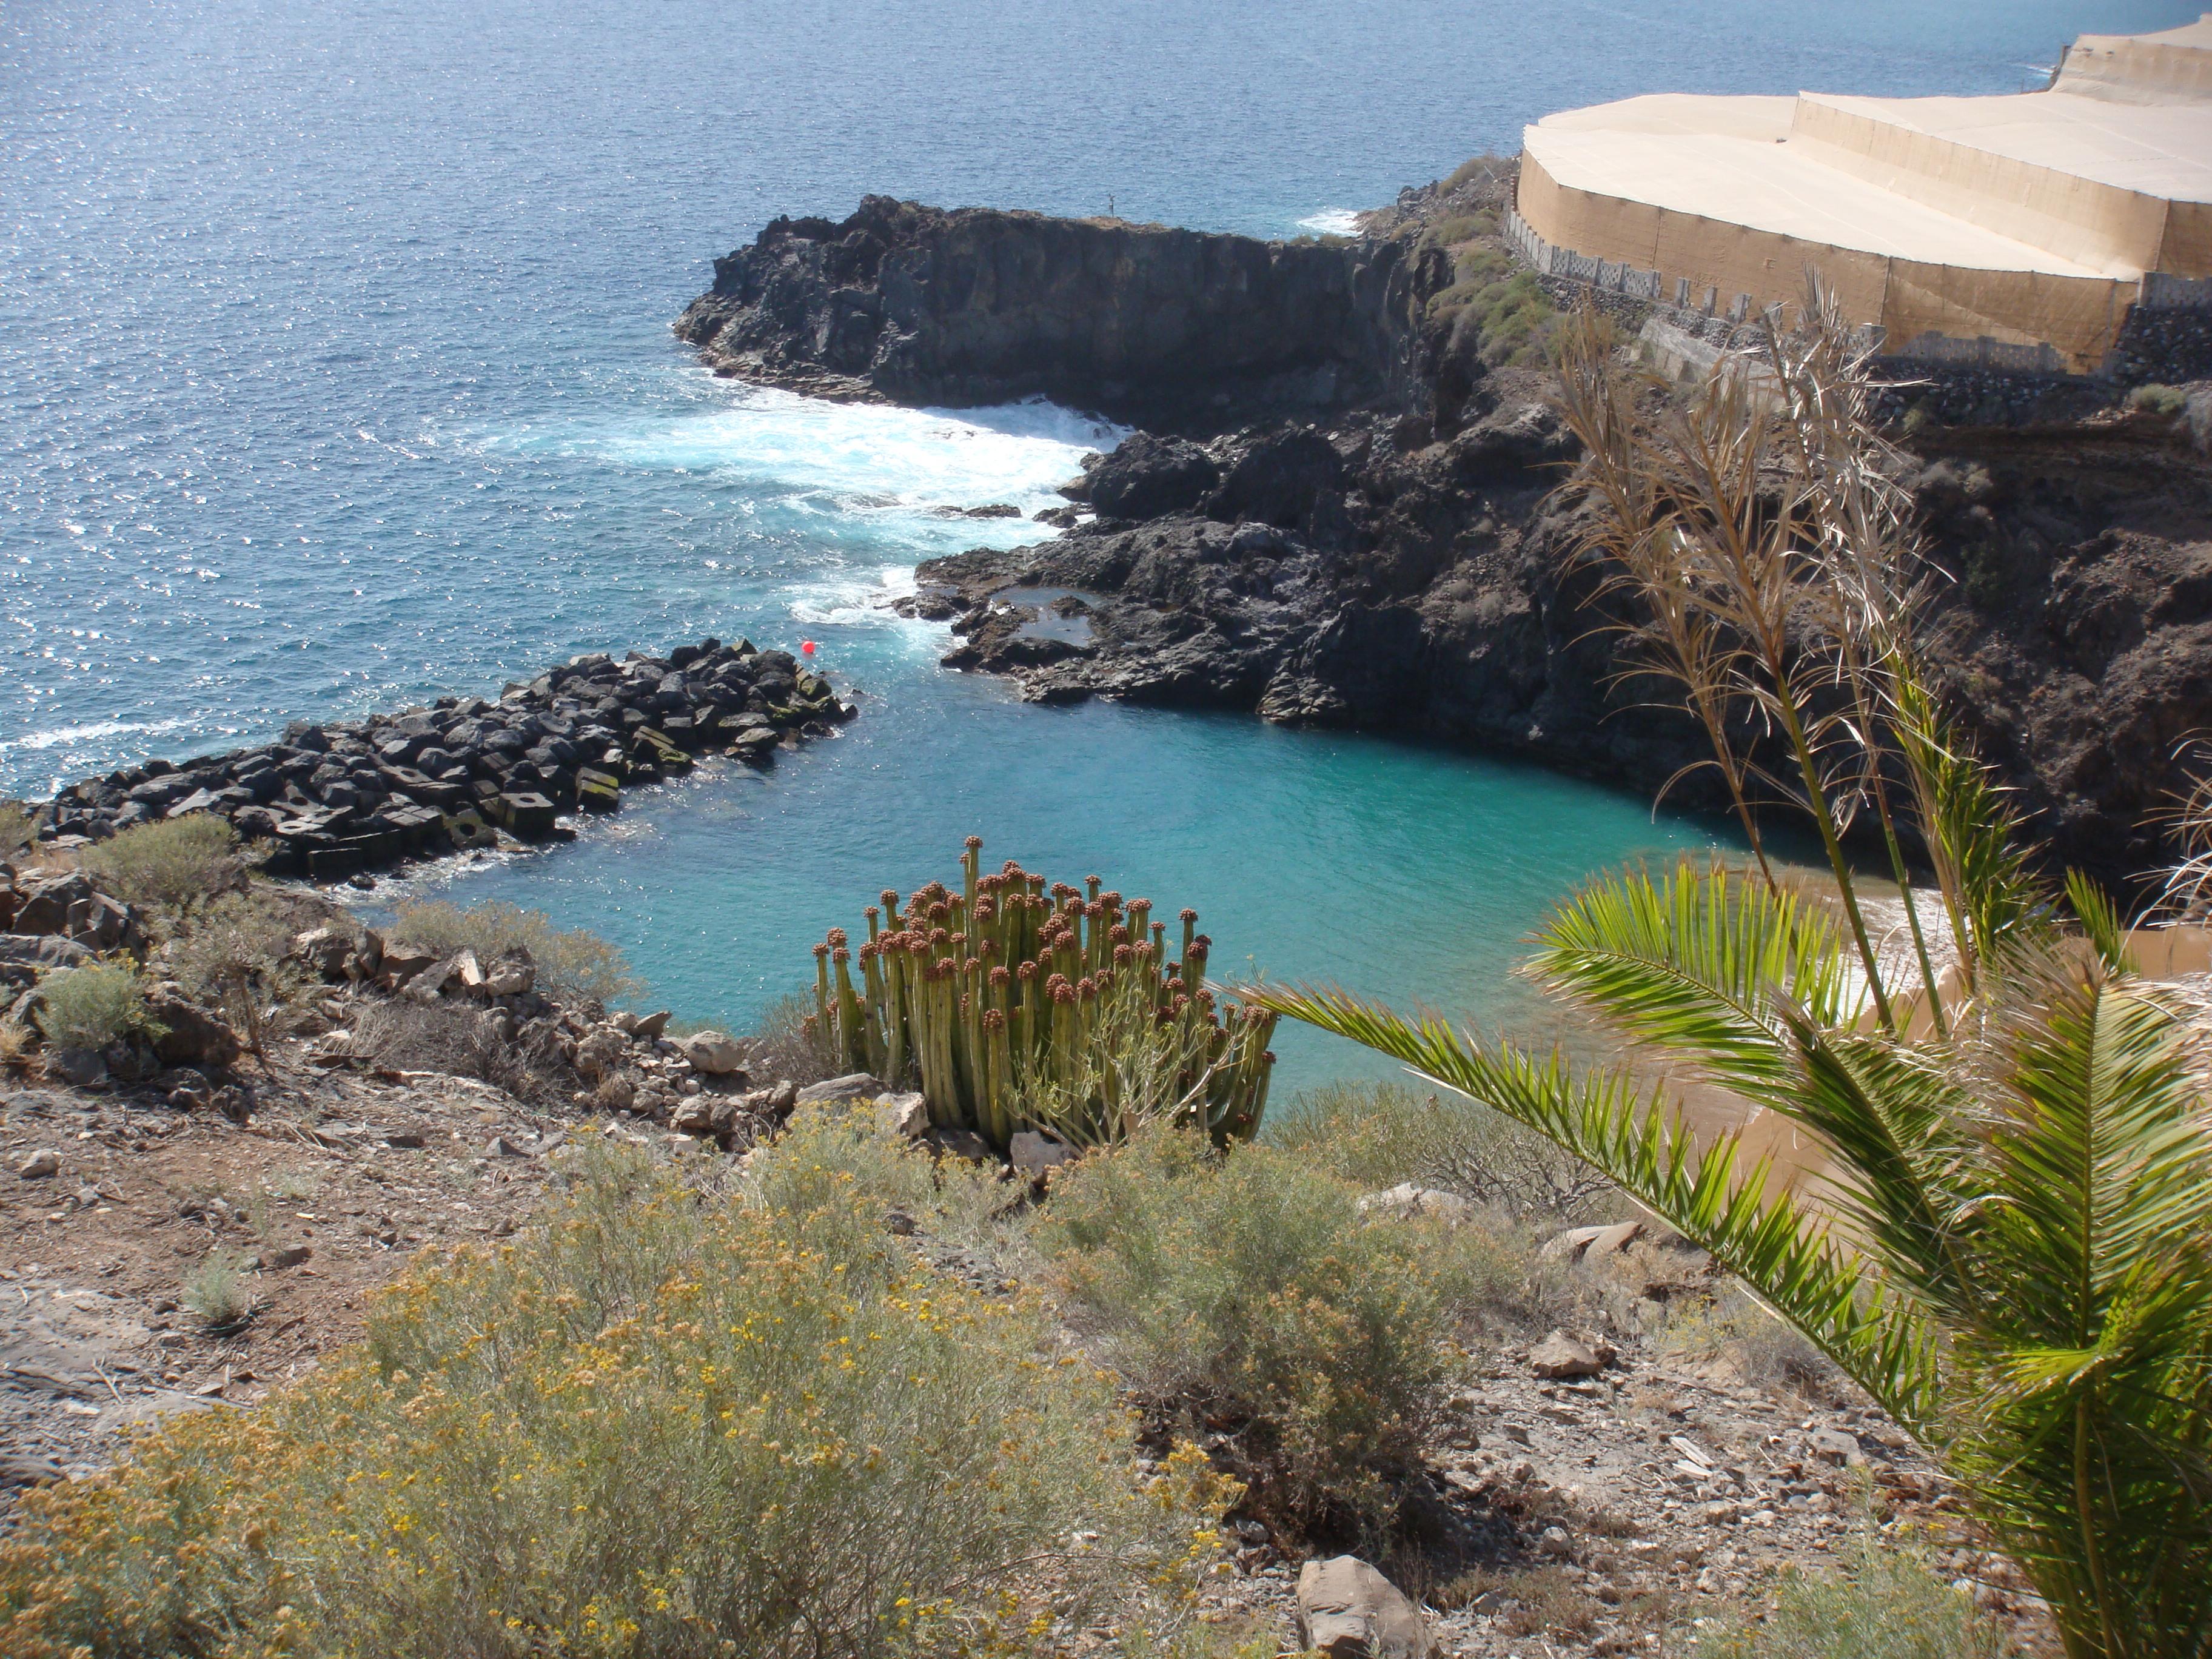 Vista aérea de la cala que incluye la playa